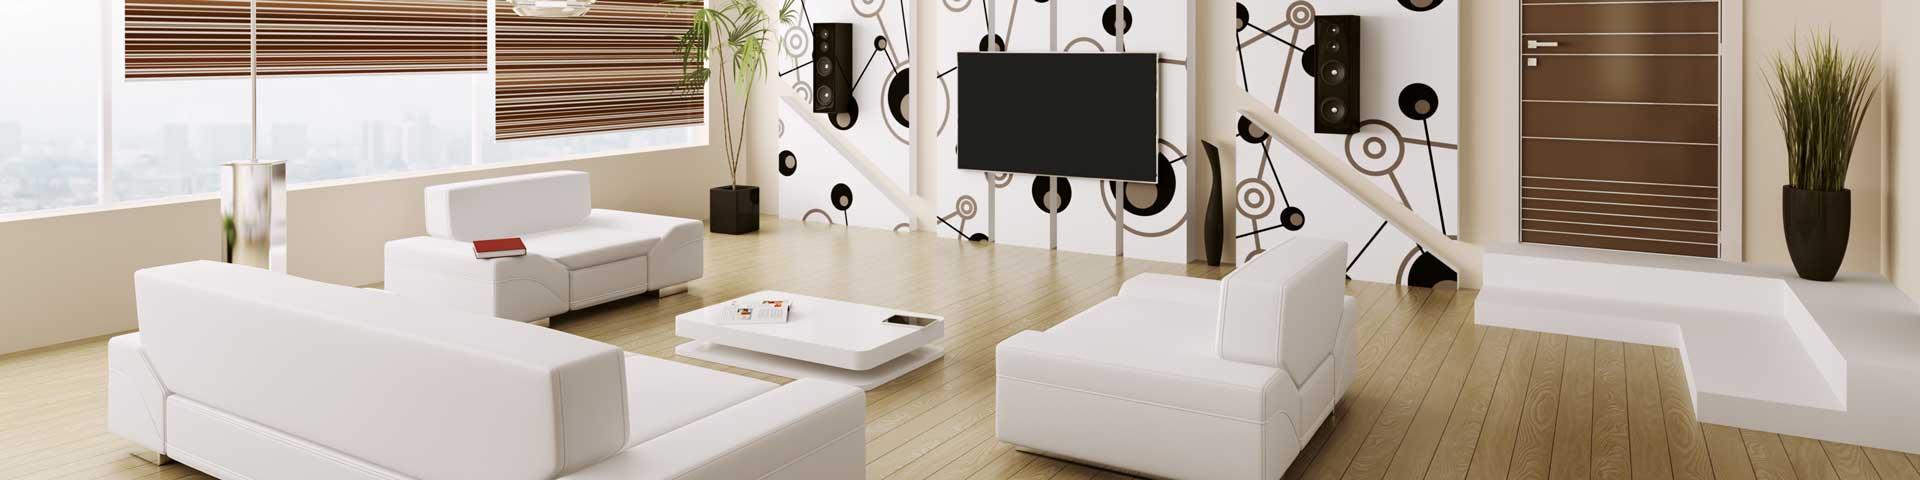 Warmset riscaldamento a pavimento per interni - Miglior impianto di riscaldamento per casa ...